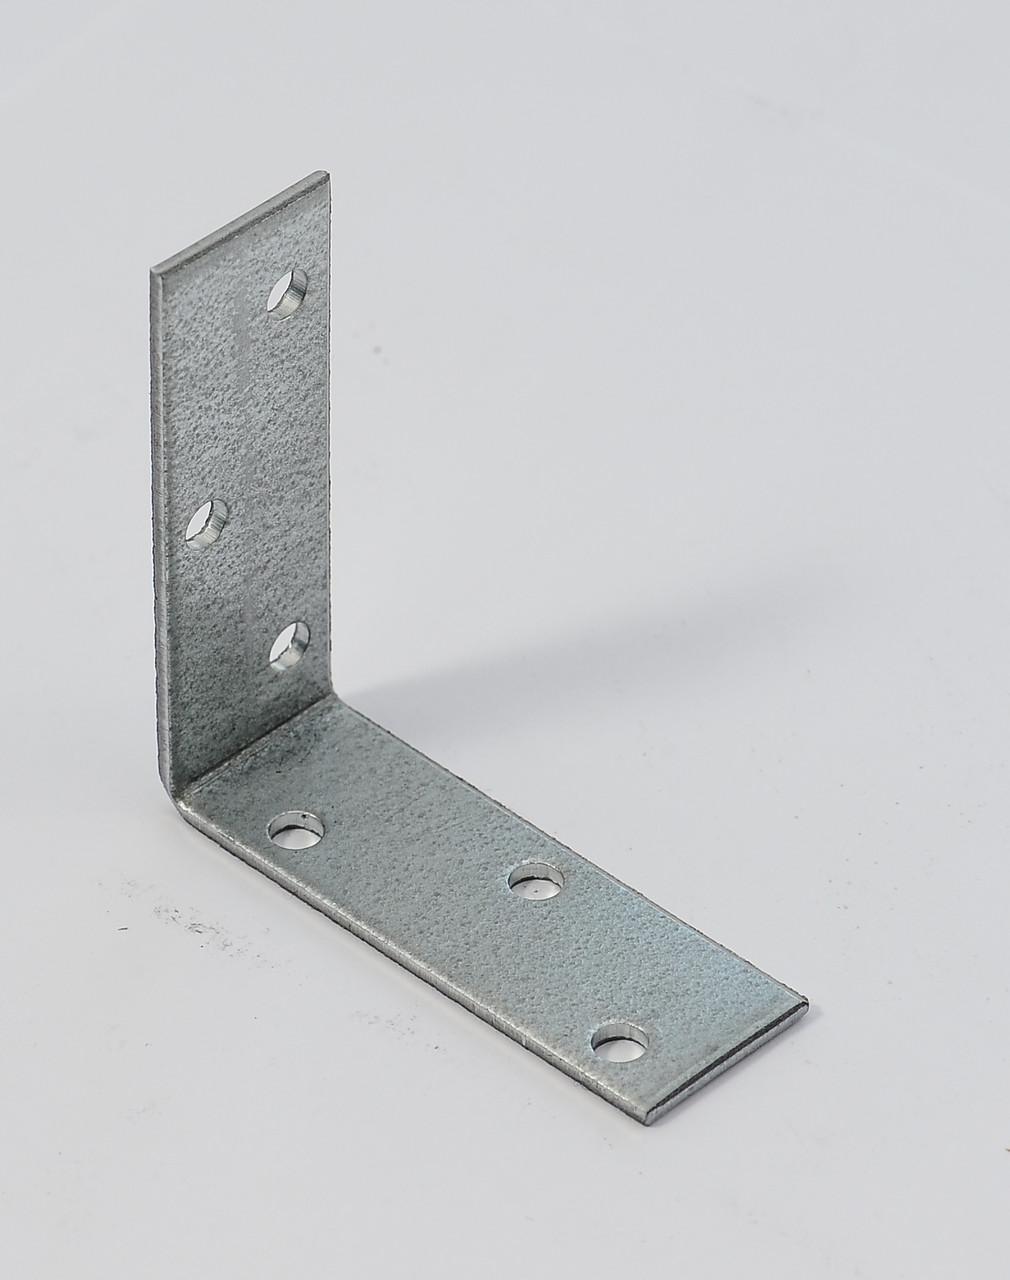 Уголок равносторонний 80х80х20 х 2,0 мм